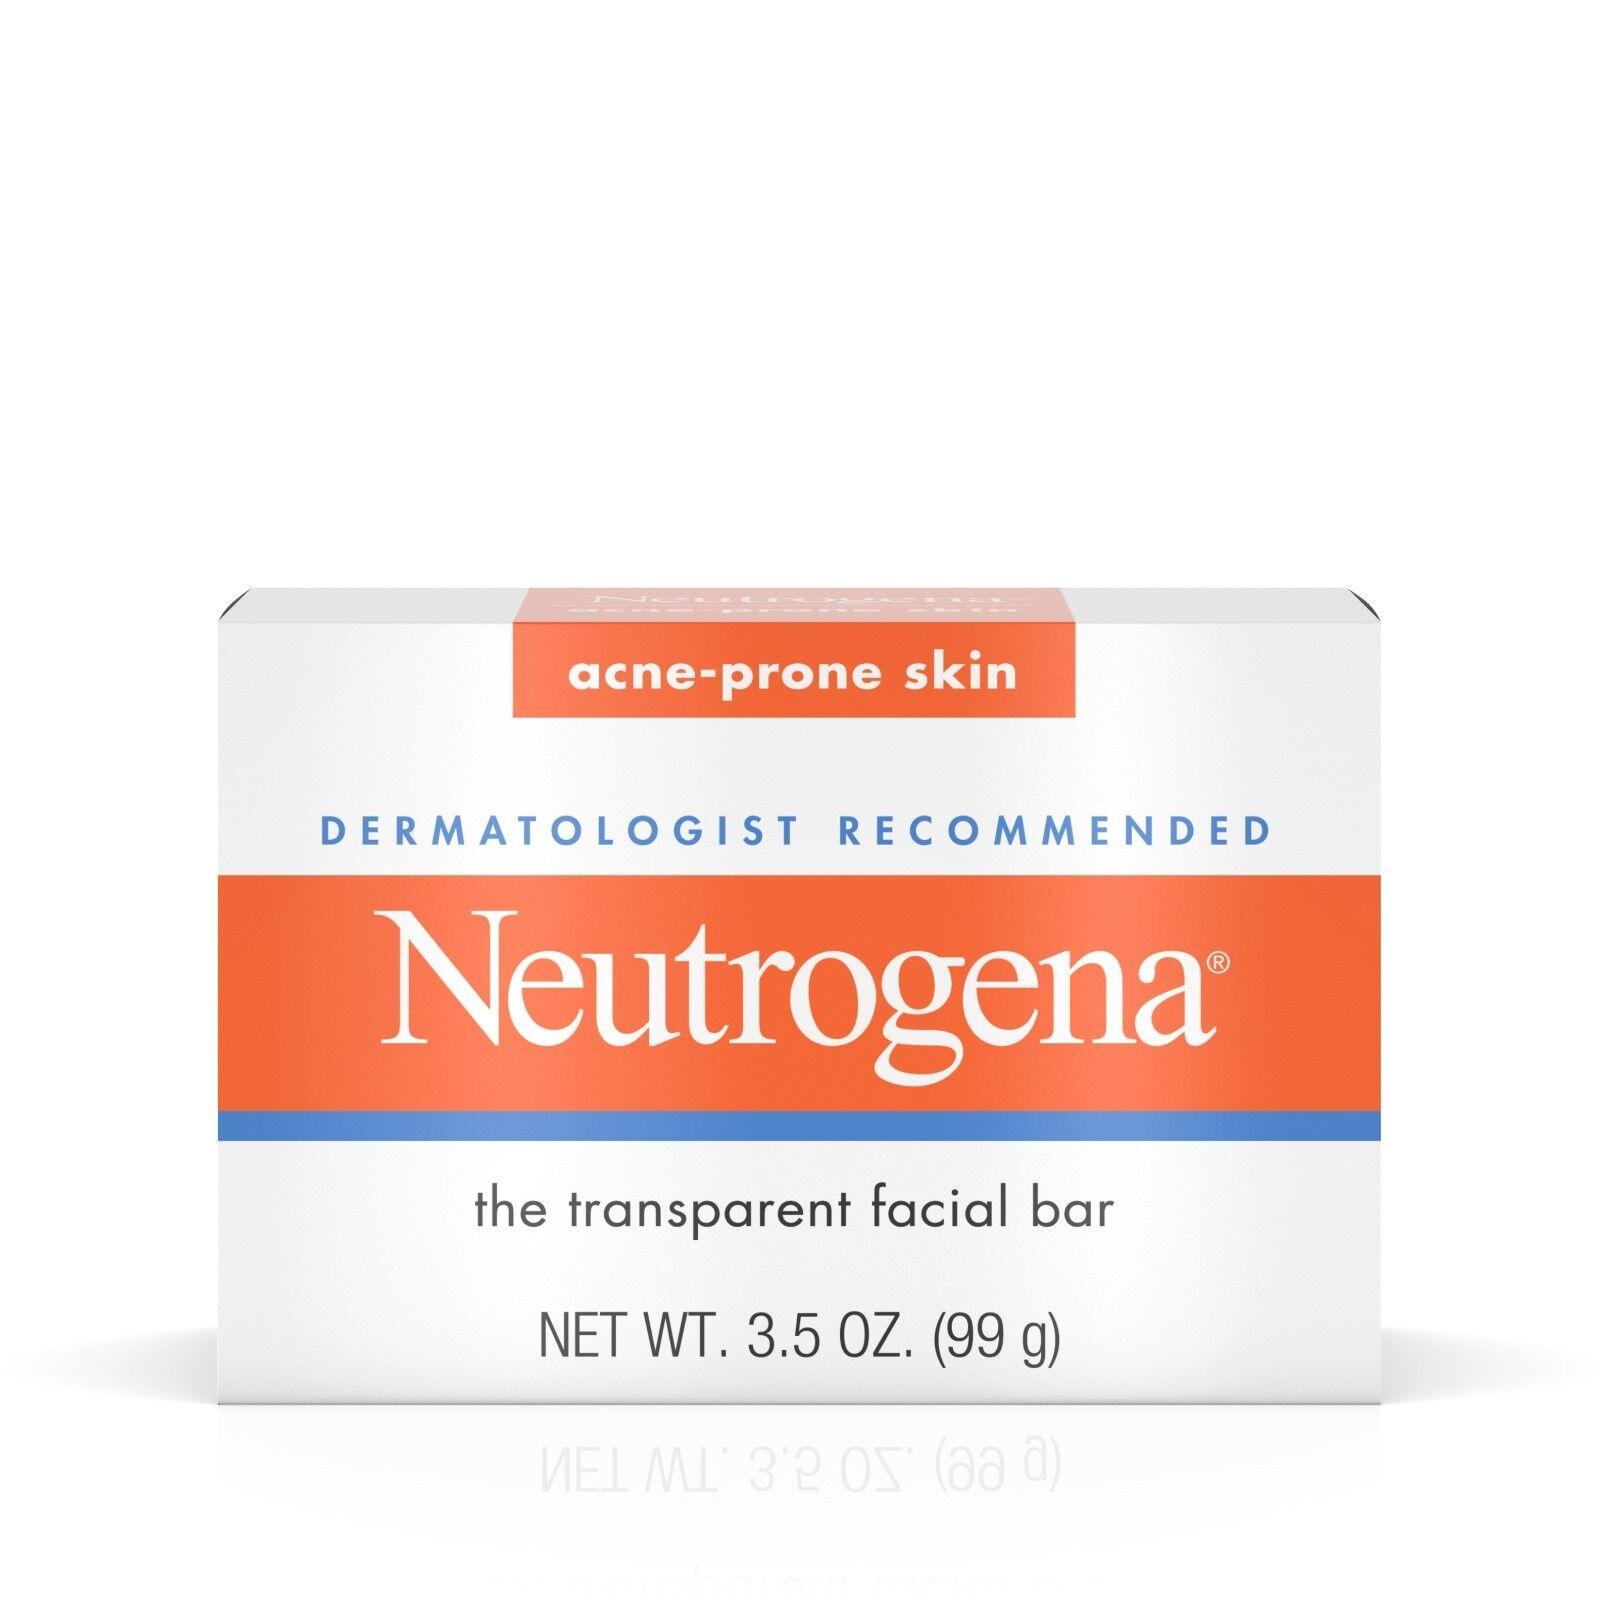 Neutrogena Transparent Facial Bar, Acne-Prone Skin Formula S